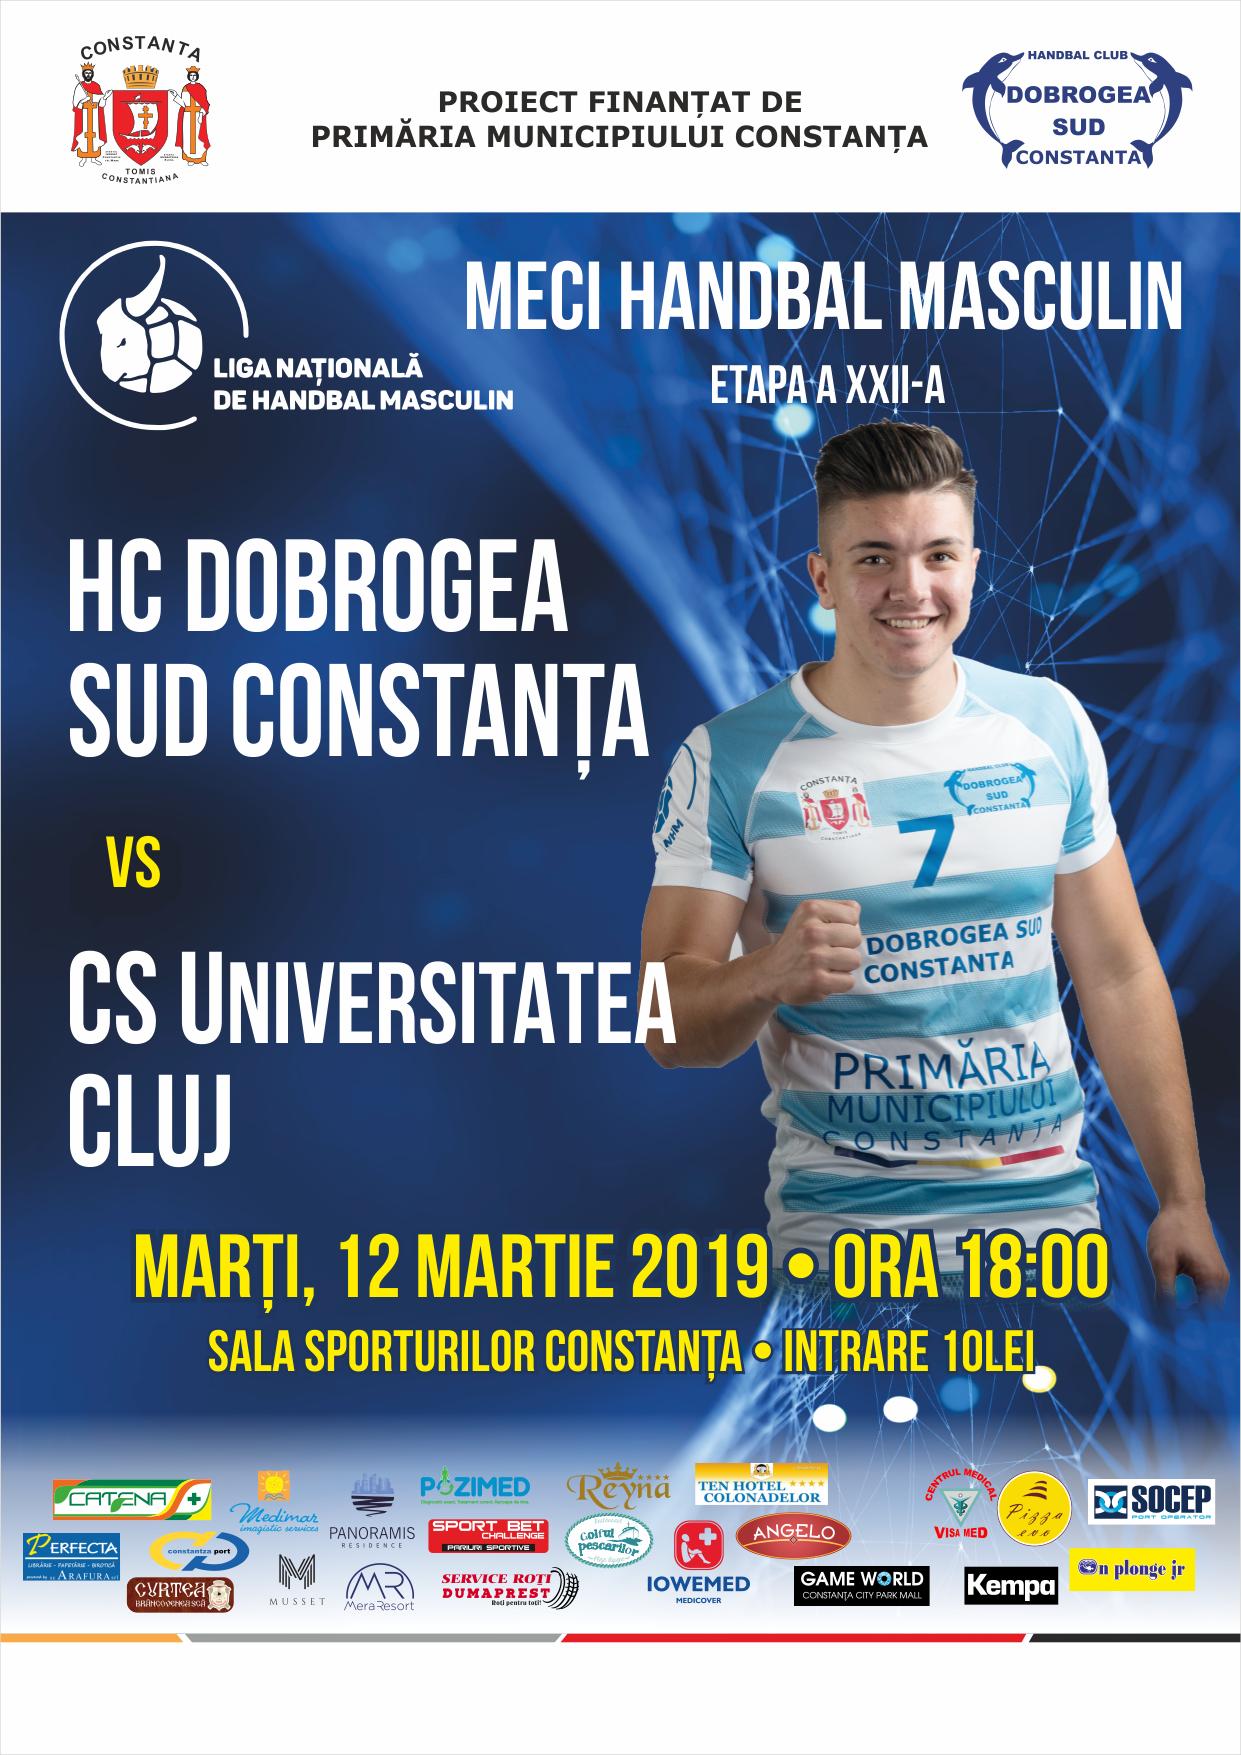 afis HC Dobrogea Sud Constanta vs. CS Universitatea Cluj 12.03.2019.png afis final